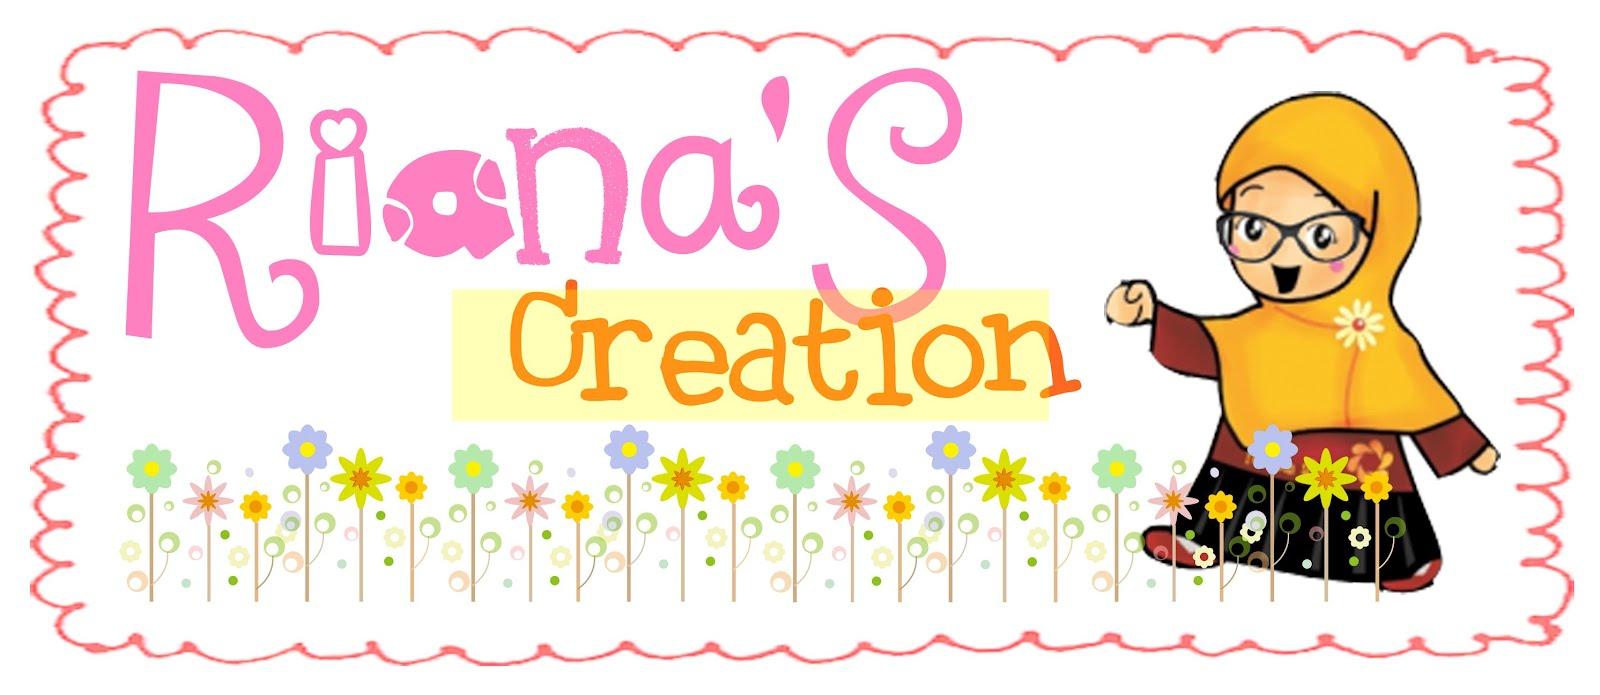 Riana's Creations